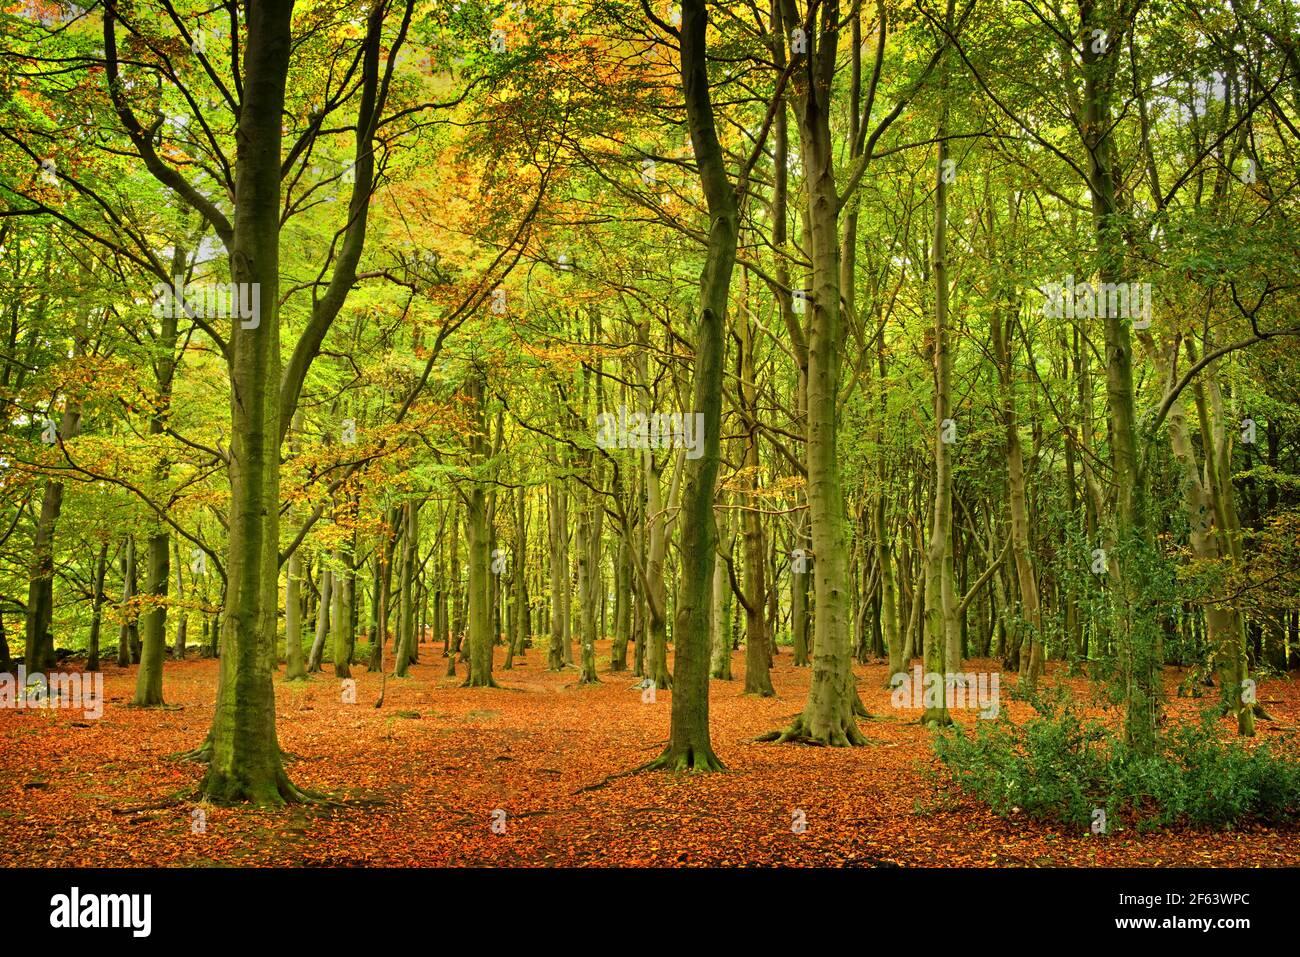 UK, South Yorkshire, Barnsley, Wombwell Wood Stock Photo